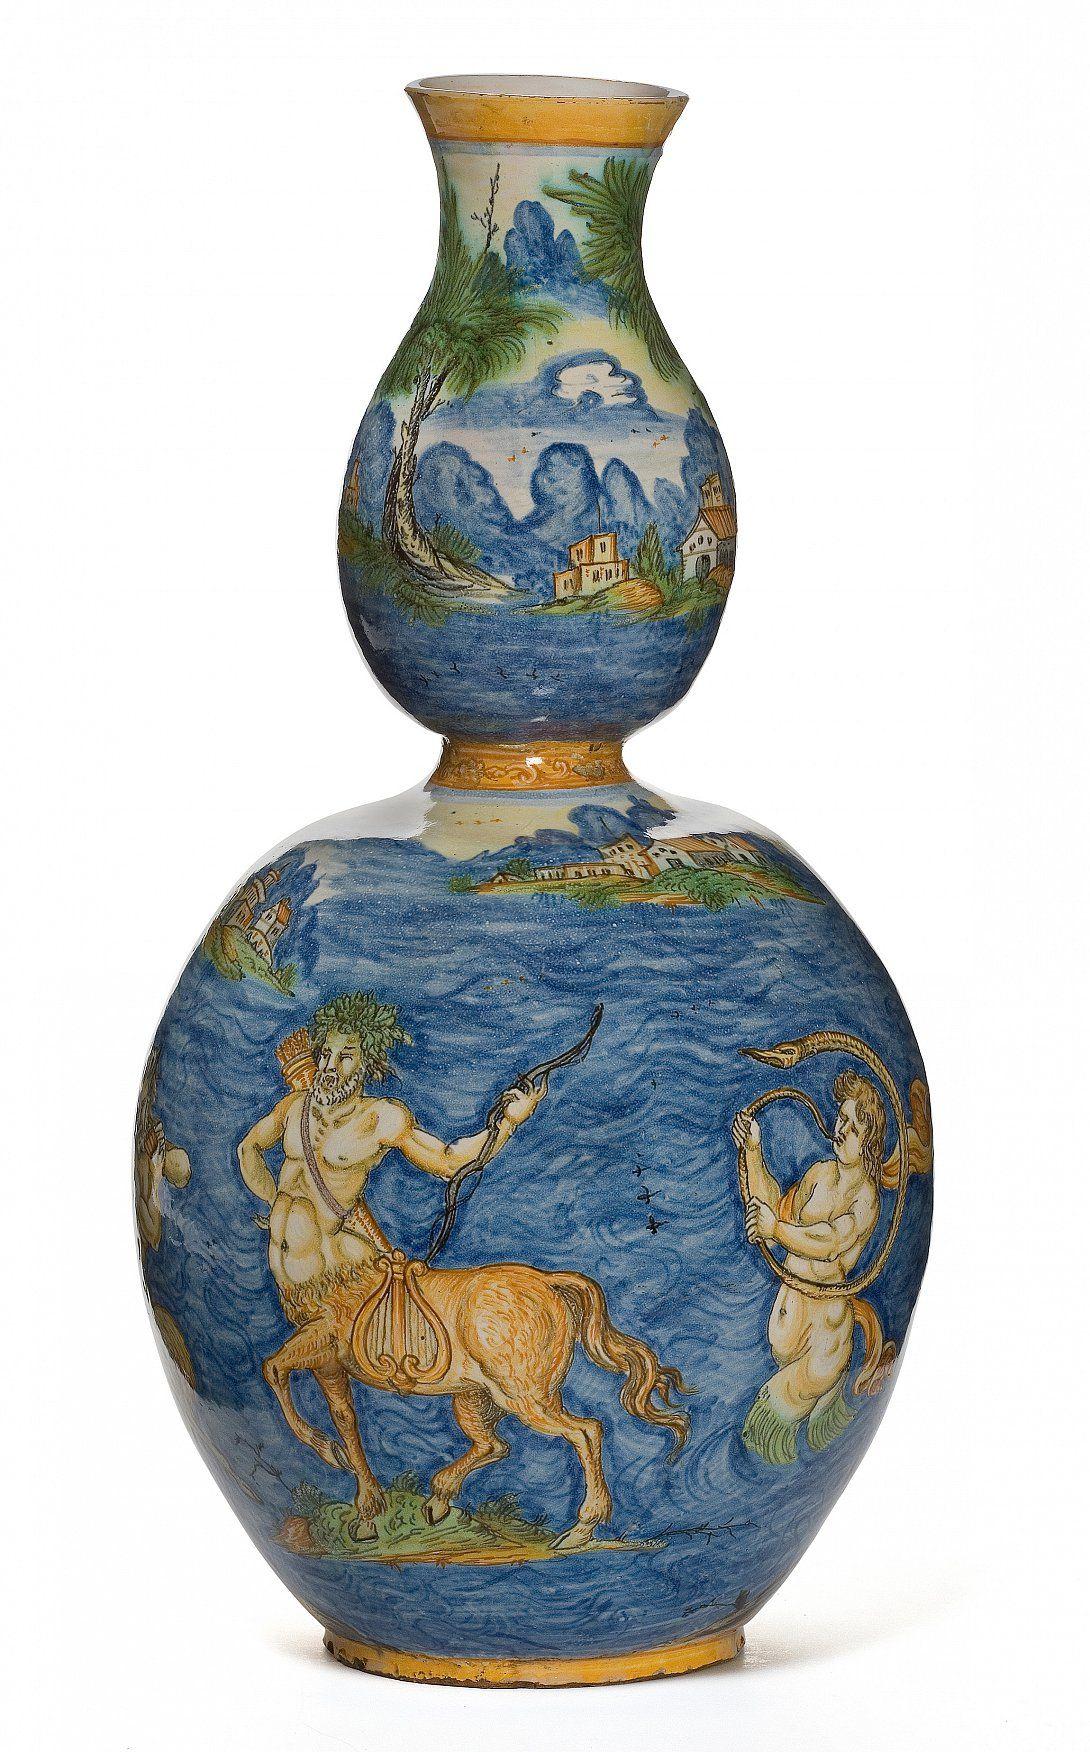 Vase calebasse, faïence, Nevers vers 1625-1650